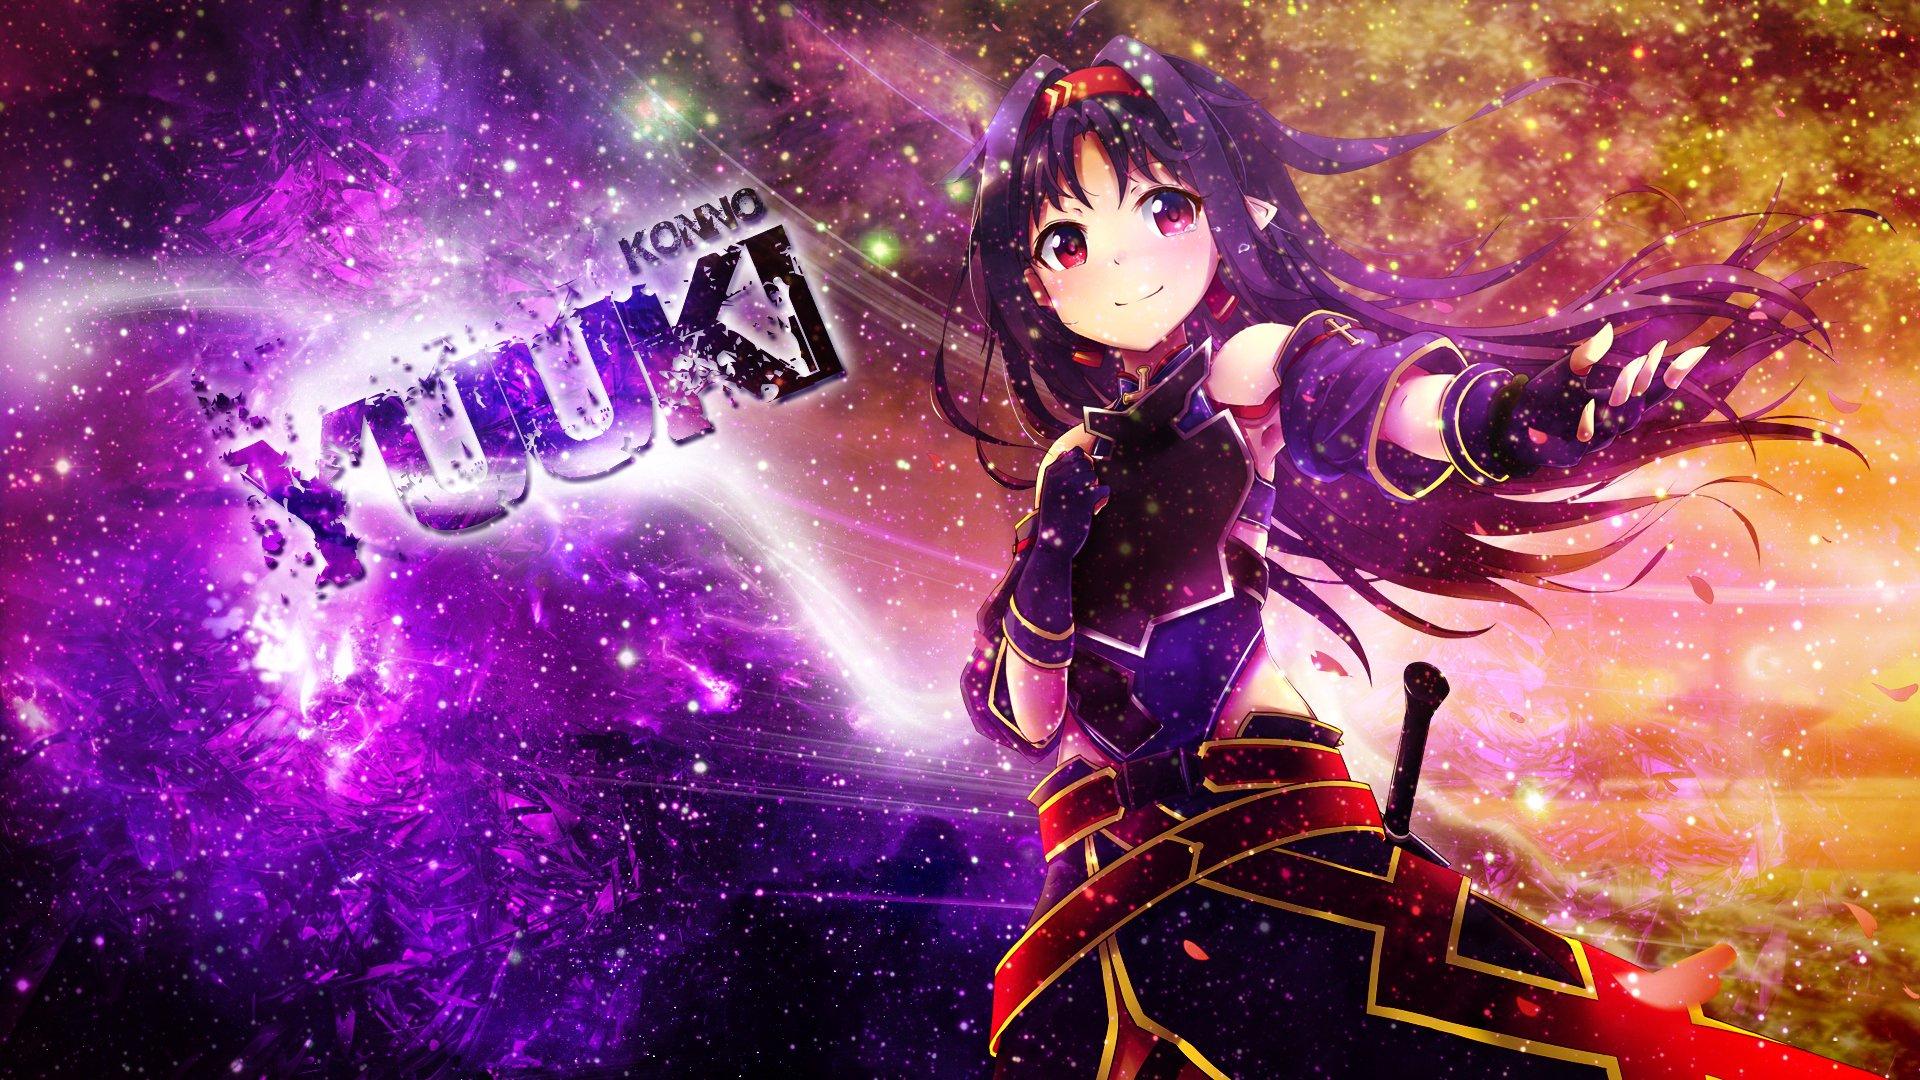 sword art online ii computer wallpapers desktop